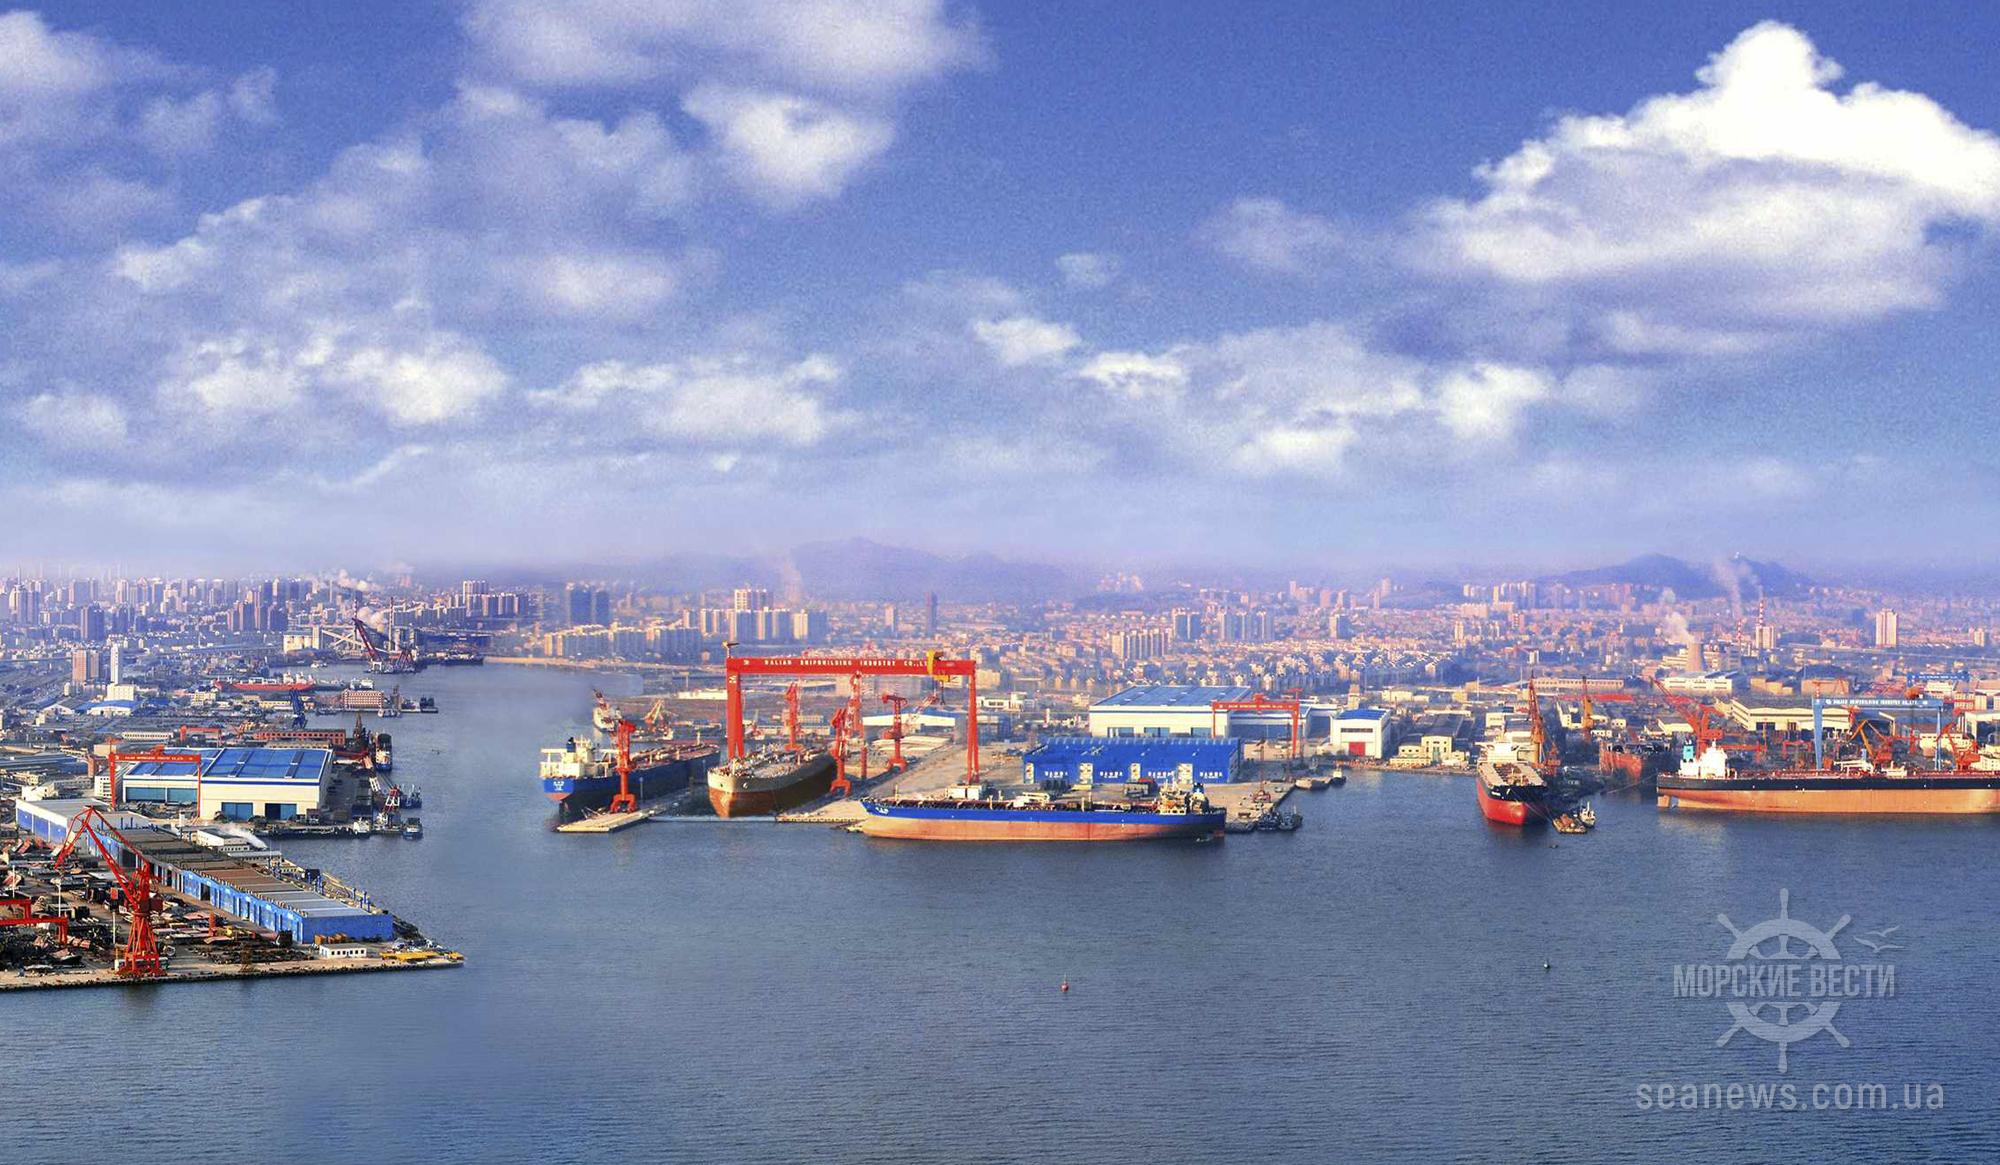 Китай создает крупнейшую в мире судостроительную группу